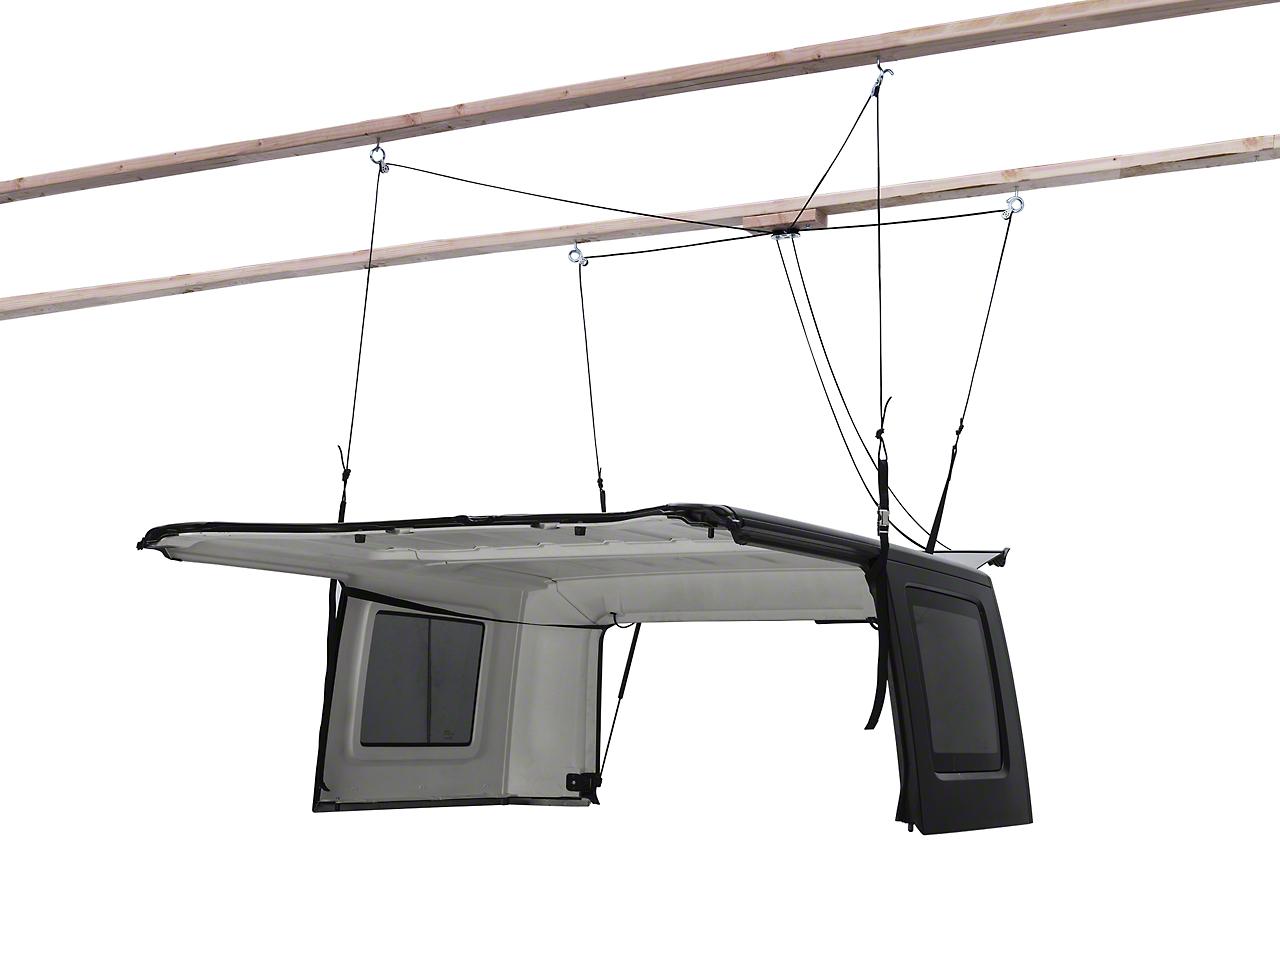 Harken Hoister Garage Storage 4-Point Lift System (87-17 Wrangler YJ, TJ & JK)